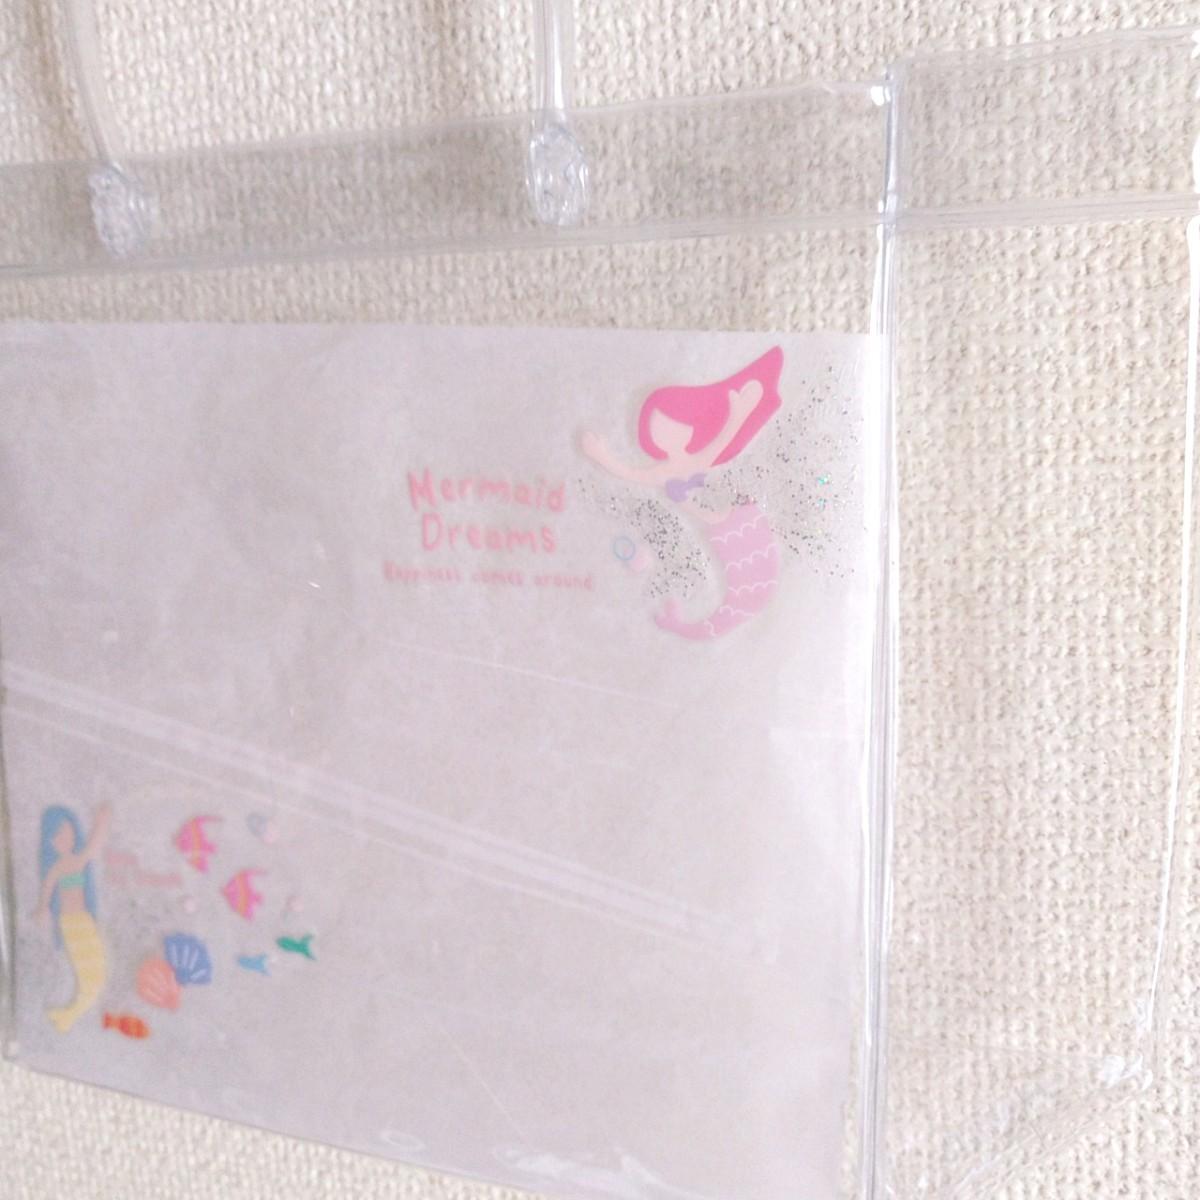 ハンドメイド クリアバッグ ミニトートバッグ マーメイド 【No.1】